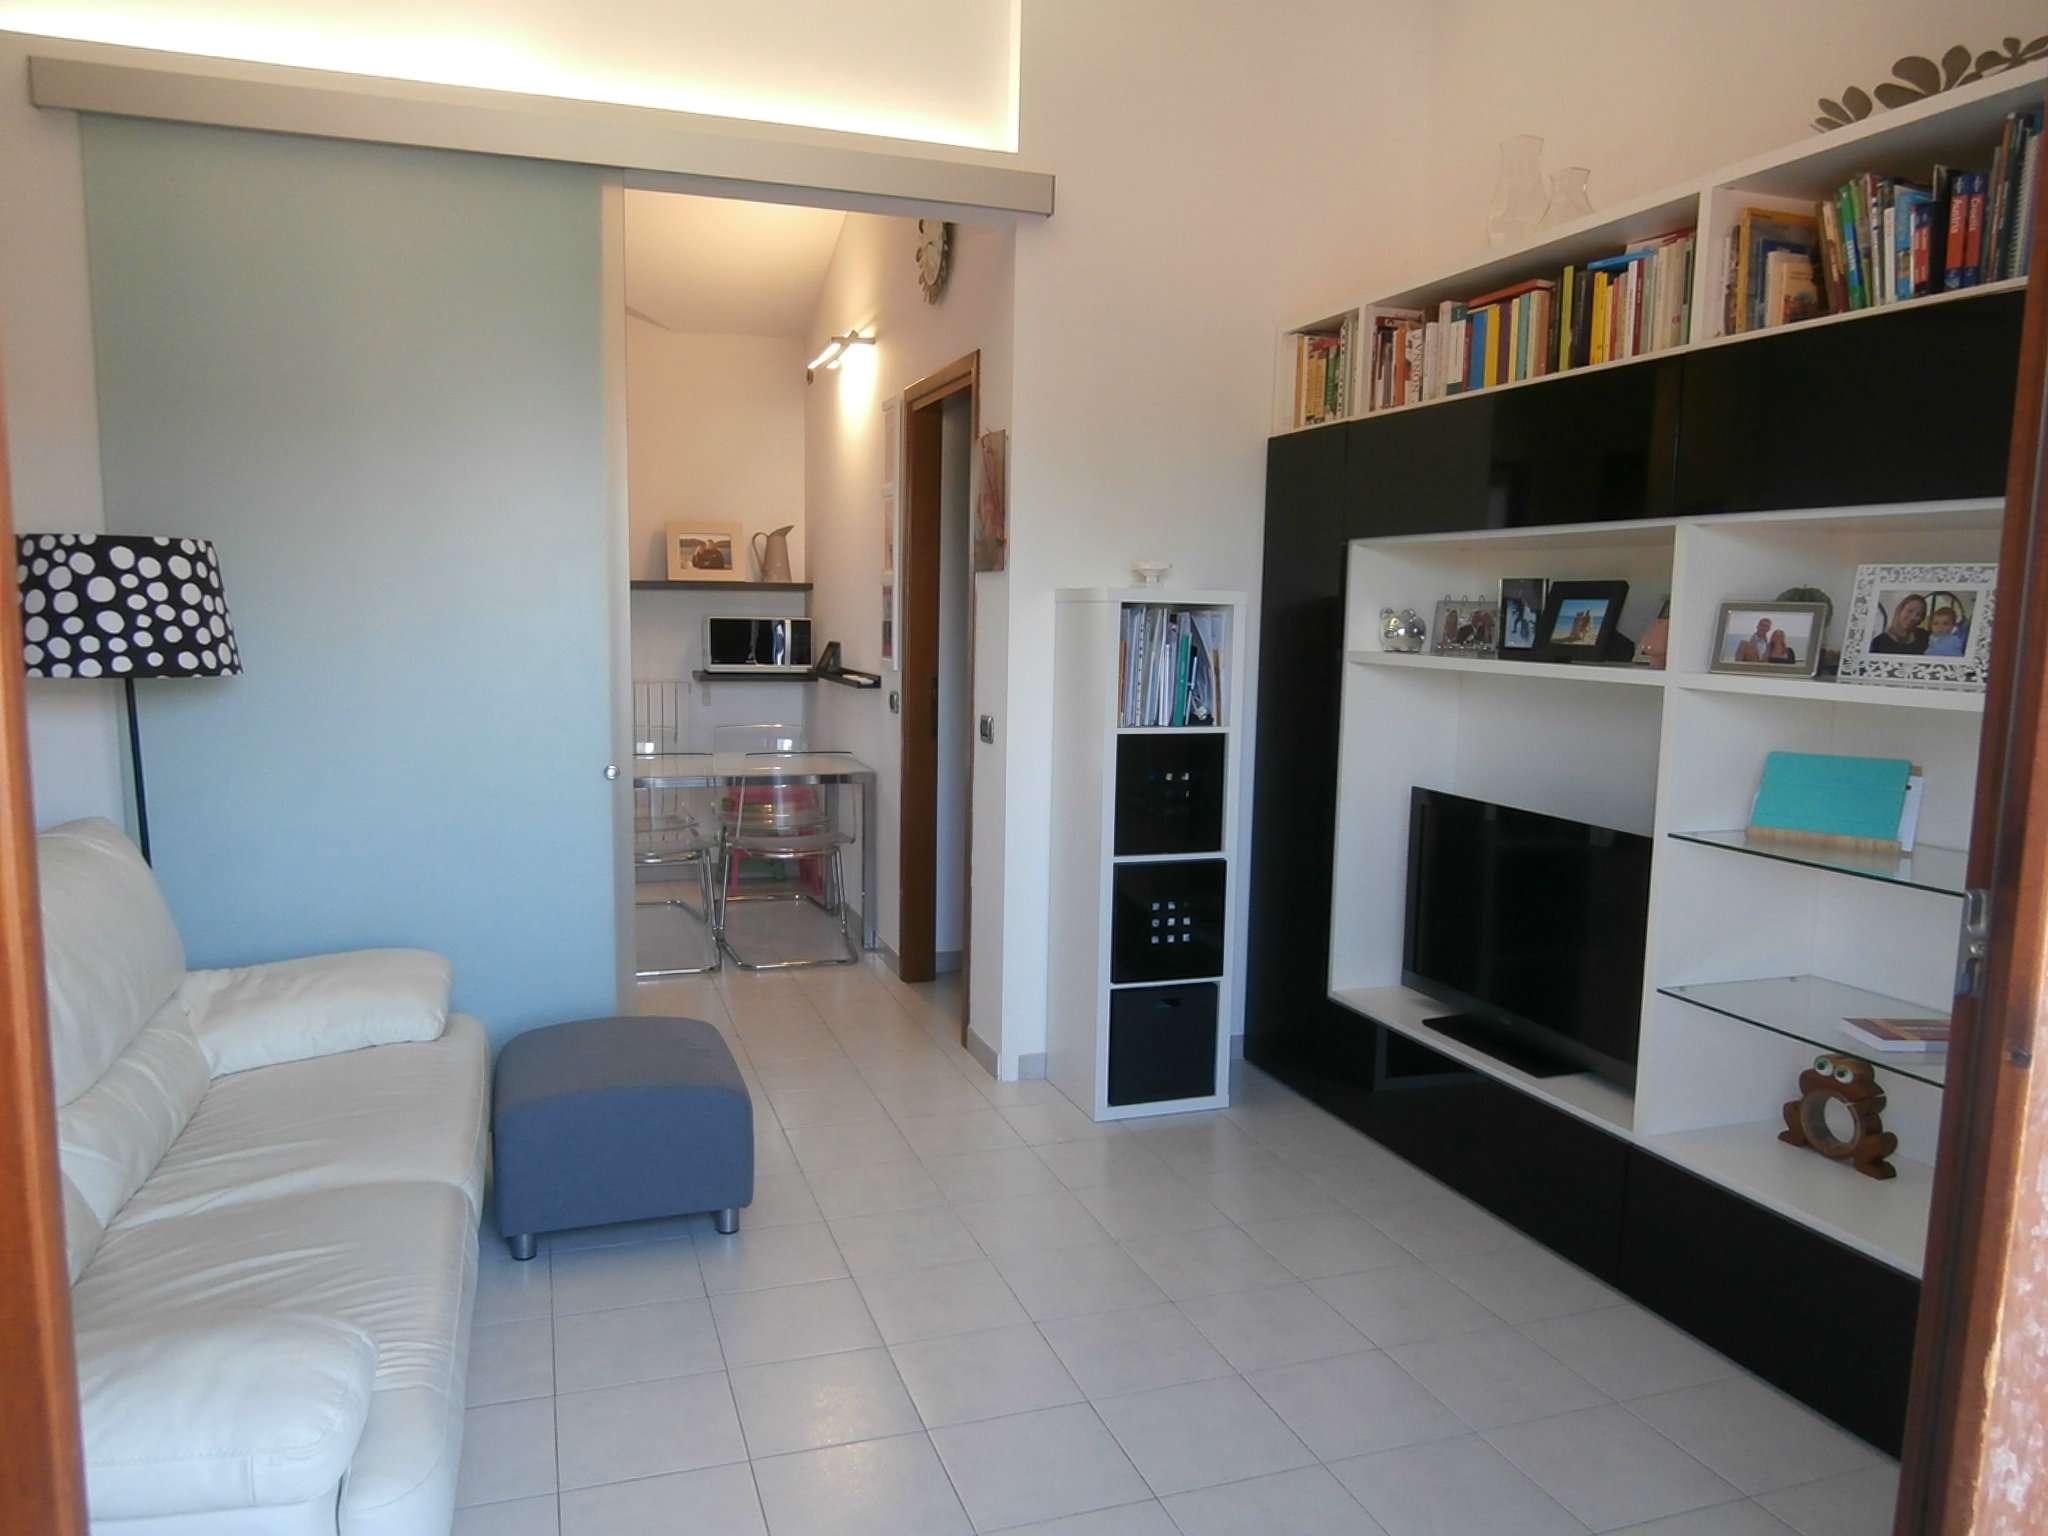 Sant'Agata B. Appartamento secondo e ultimo piano con doppio garage